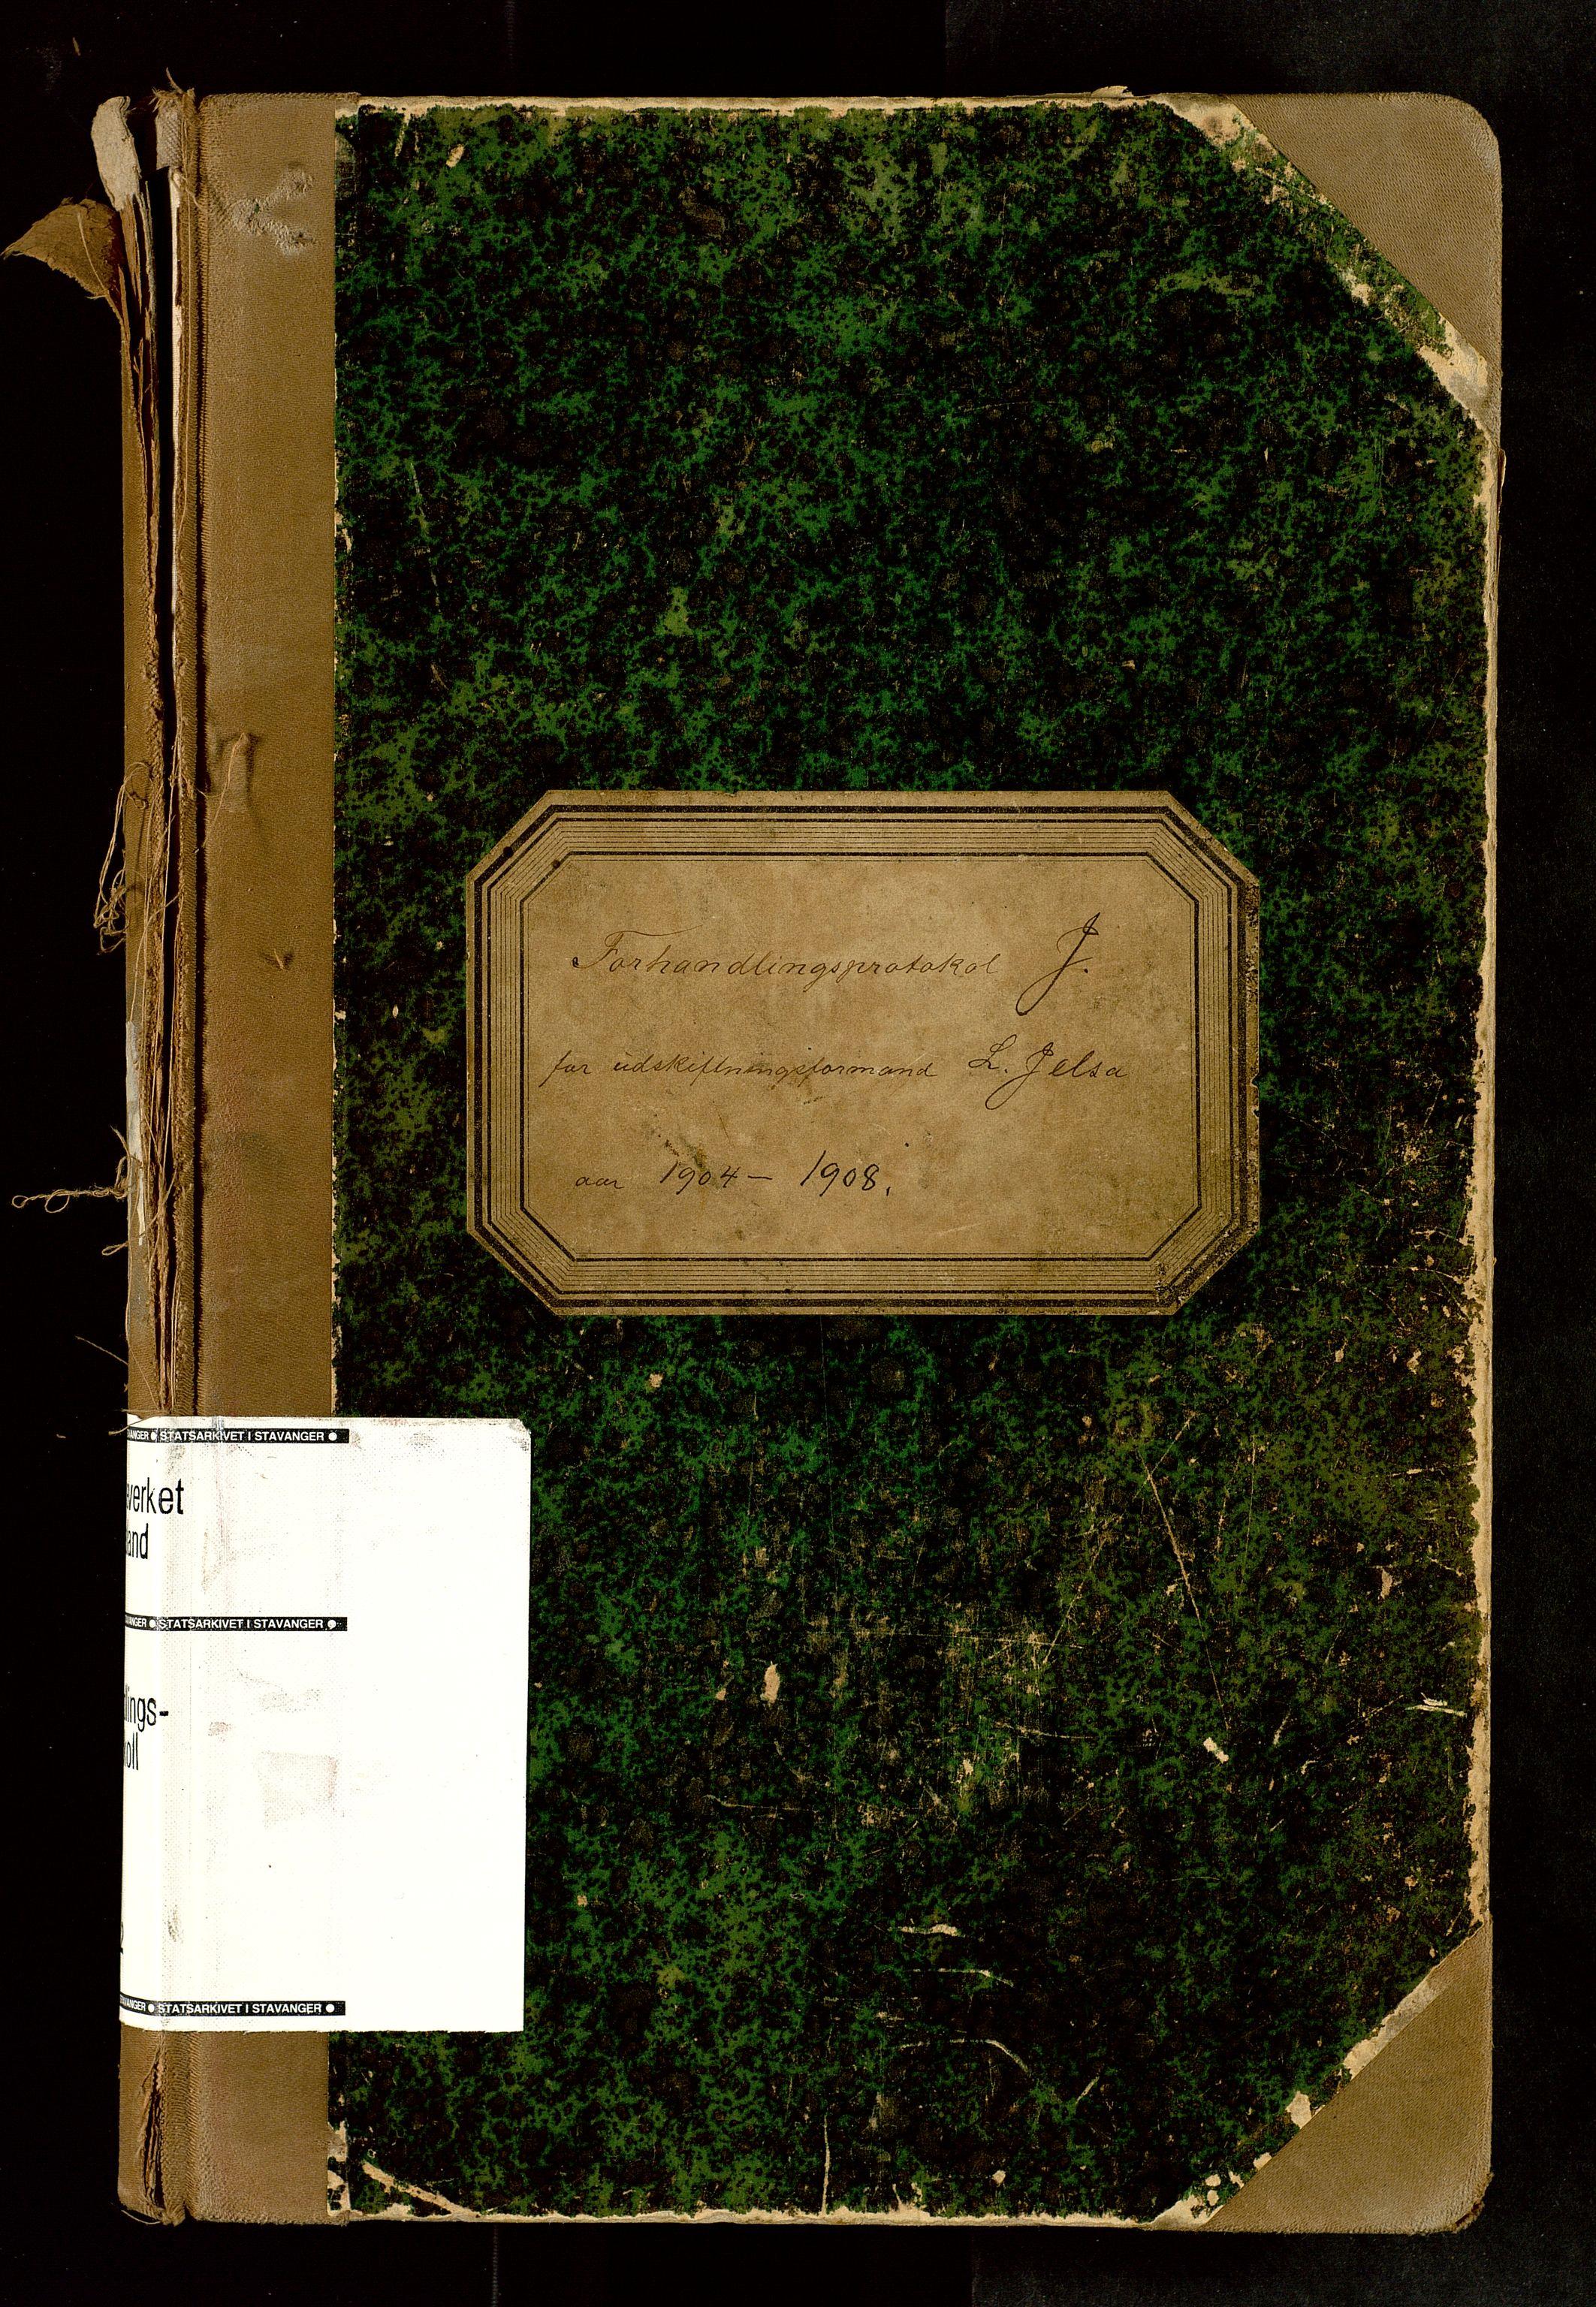 SAST, Rogaland jordskifterett, Oa/L0062: Forhandlingsprotokoll, 1904-1908